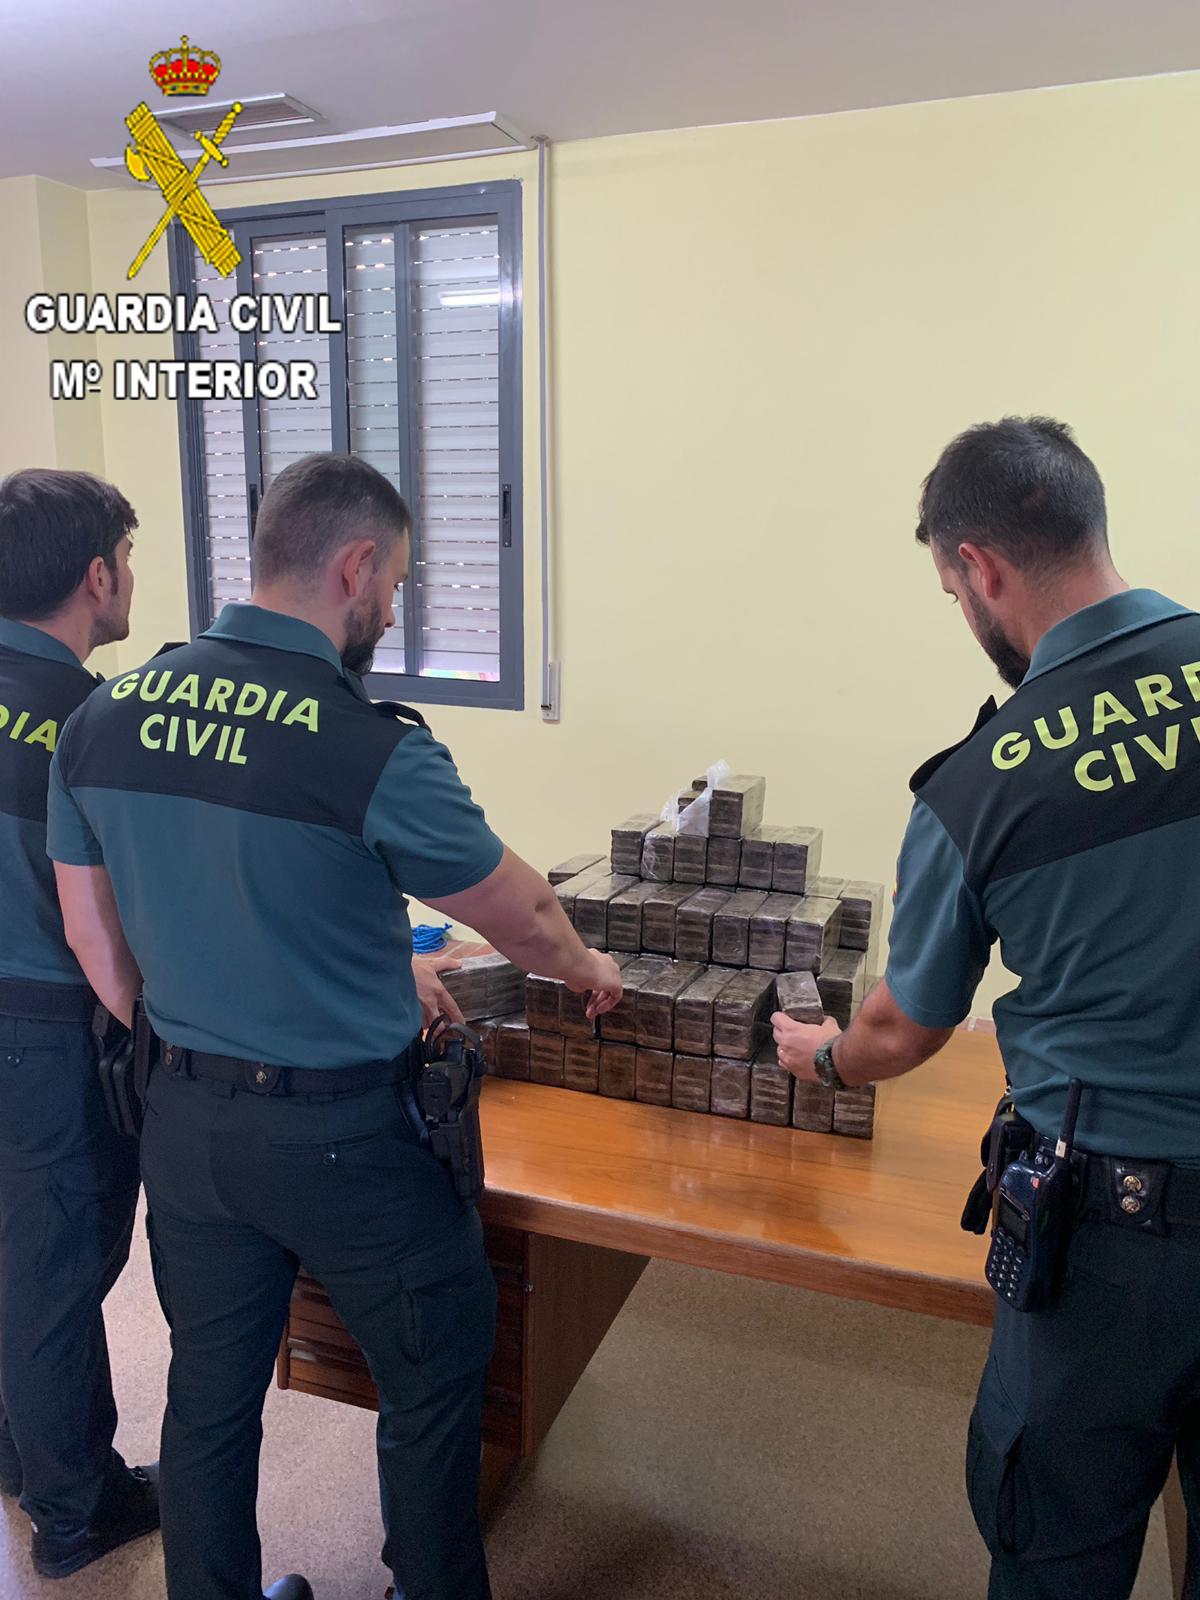 La Guardia Civil descubrió en el interior del maletero y en el asiento trastero de un vehículo 889 pastillas con un peso de 100 gramos cada una de hachis.